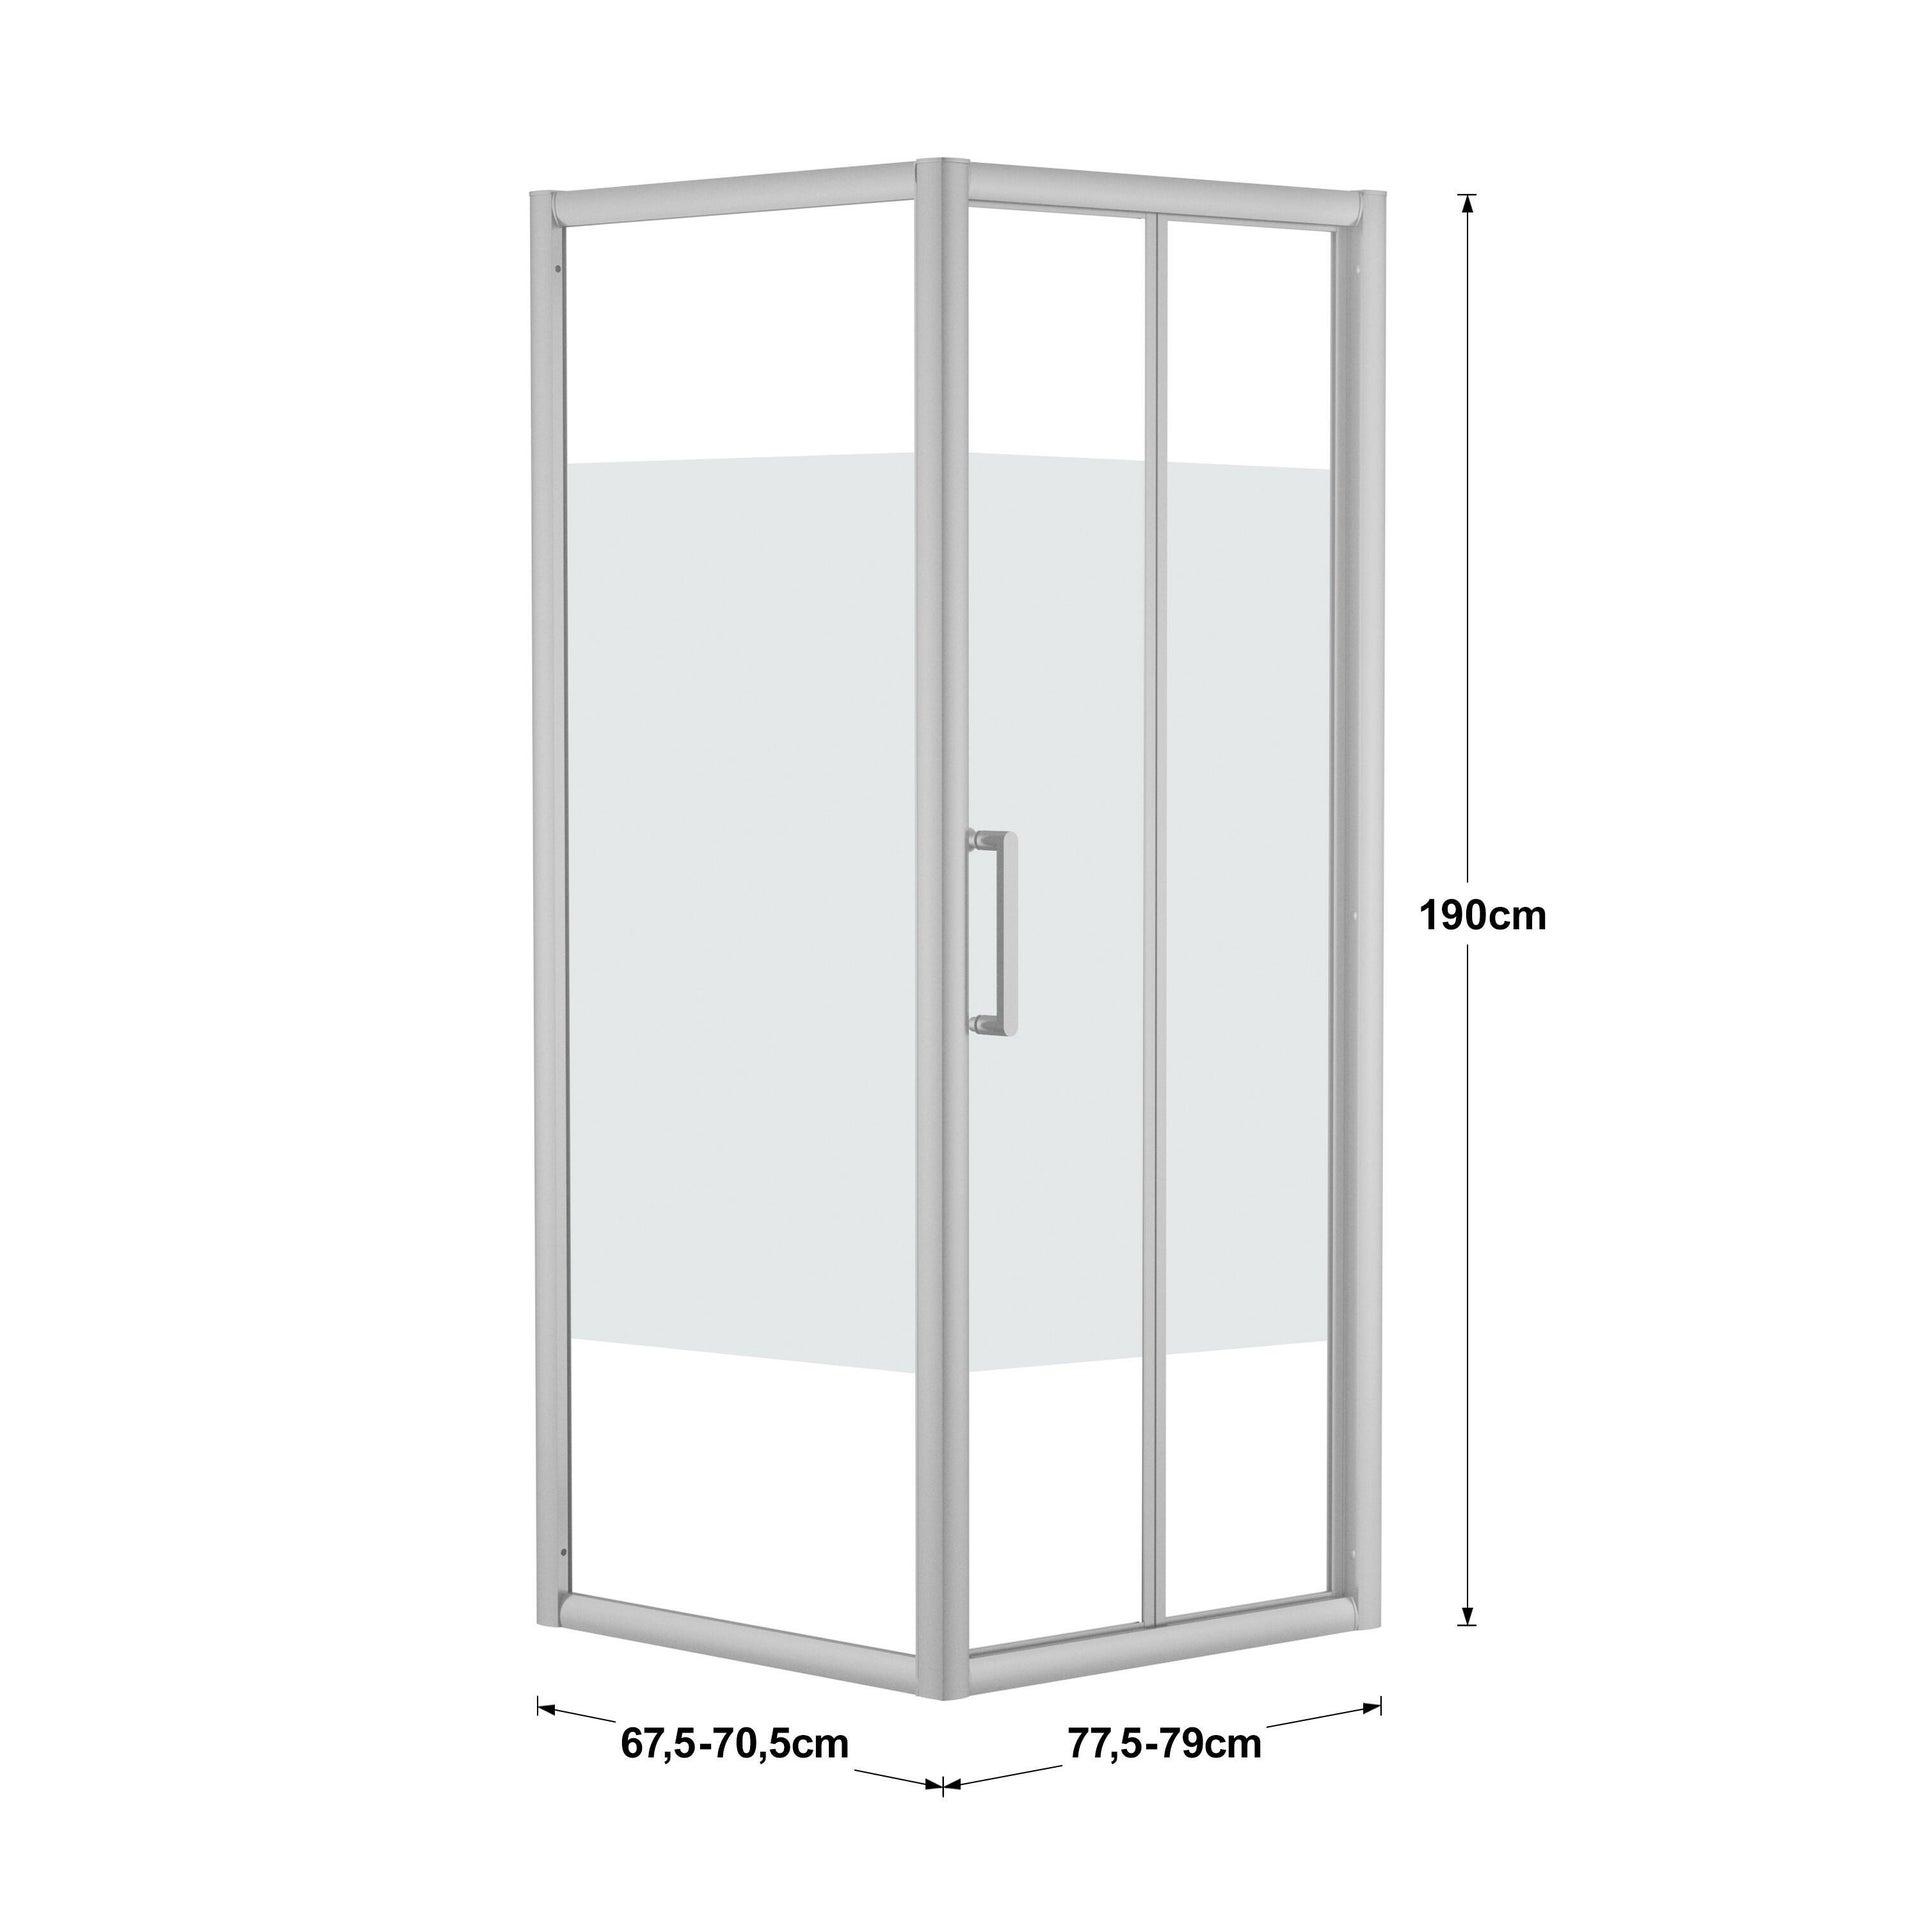 Box doccia rettangolare pieghevole Quad 70 x 80 cm, H 190 cm in vetro temprato, spessore 6 mm serigrafato argento - 3